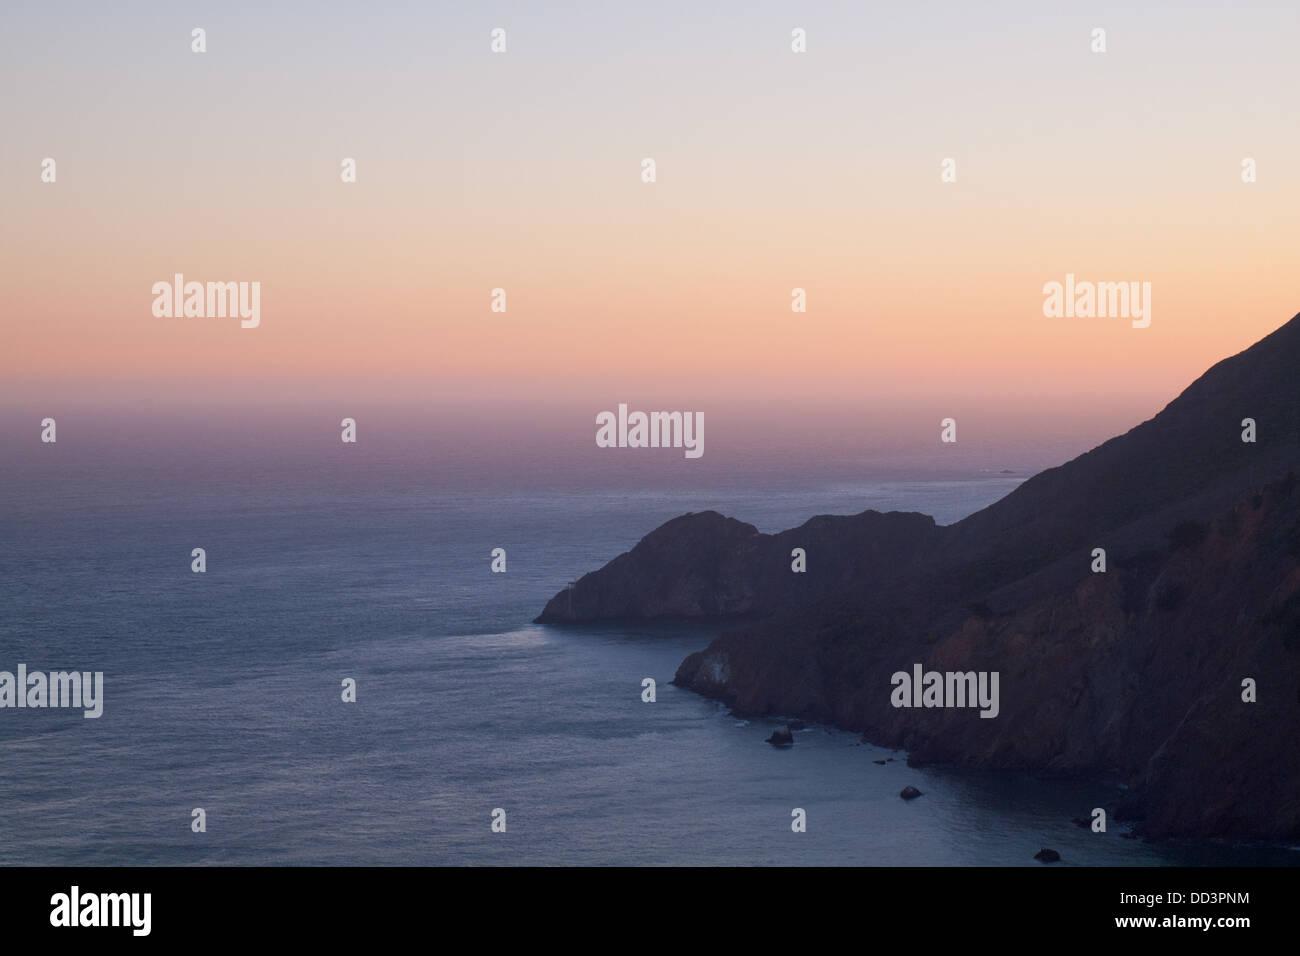 La silhouette d'une vue sur les Marin Headlands, Californie, et l'océan Pacifique juste après Photo Stock